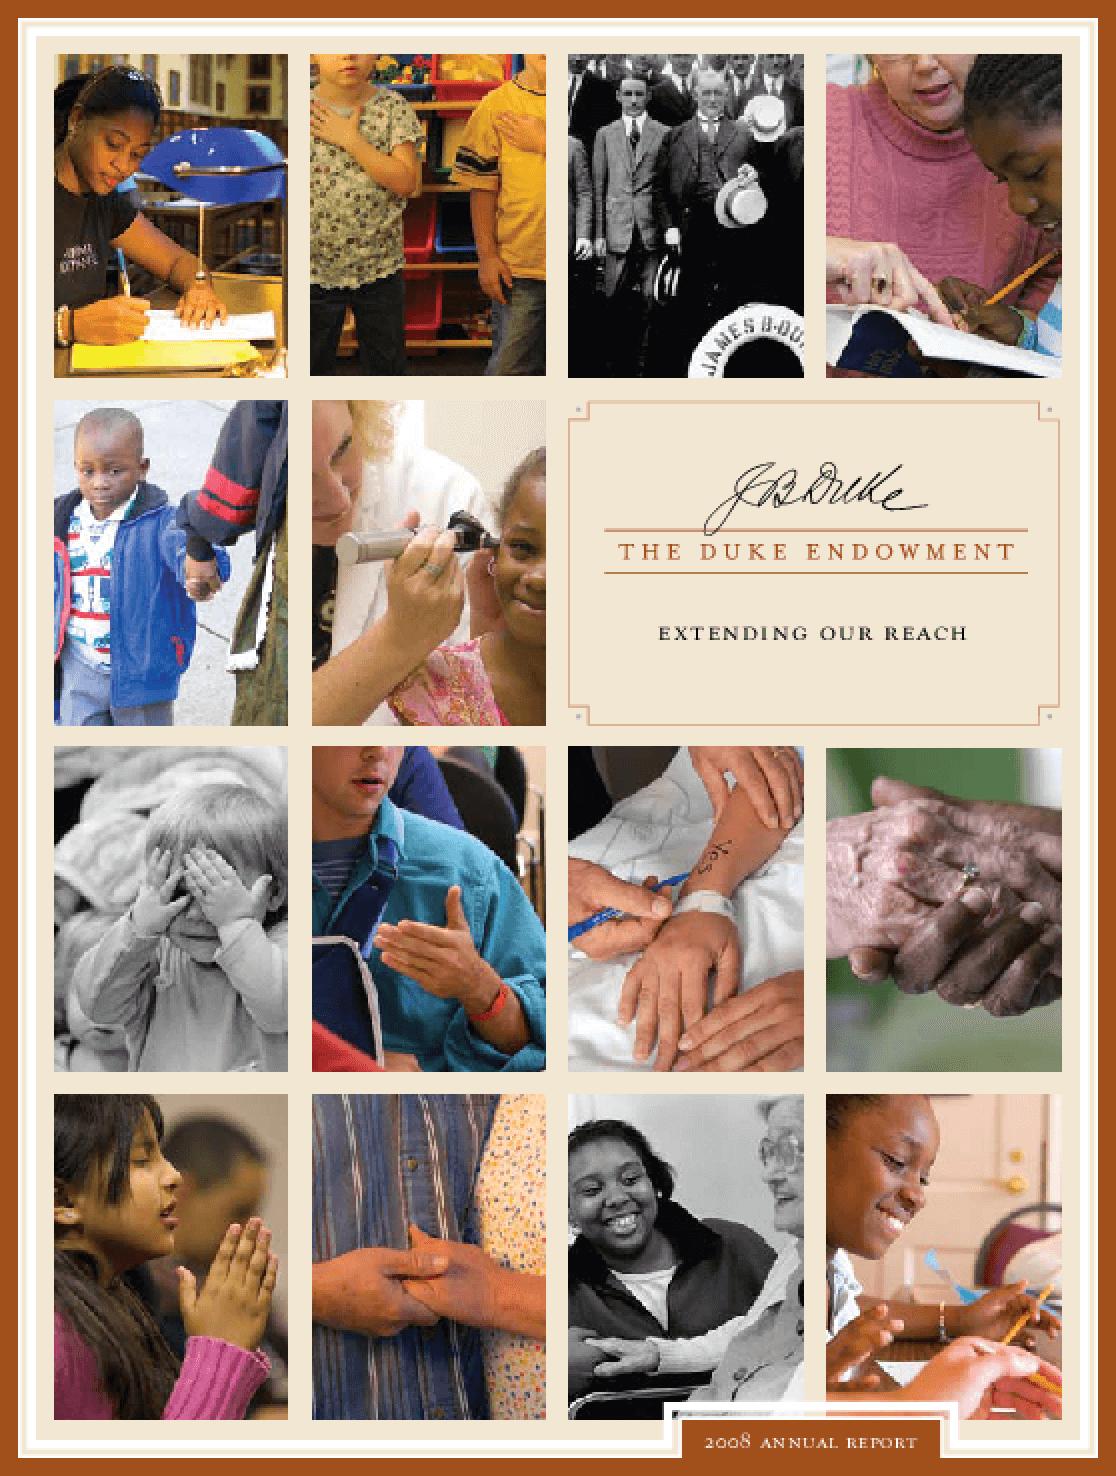 Duke Endowment - 2008 Annual Report: Extending Our Reach